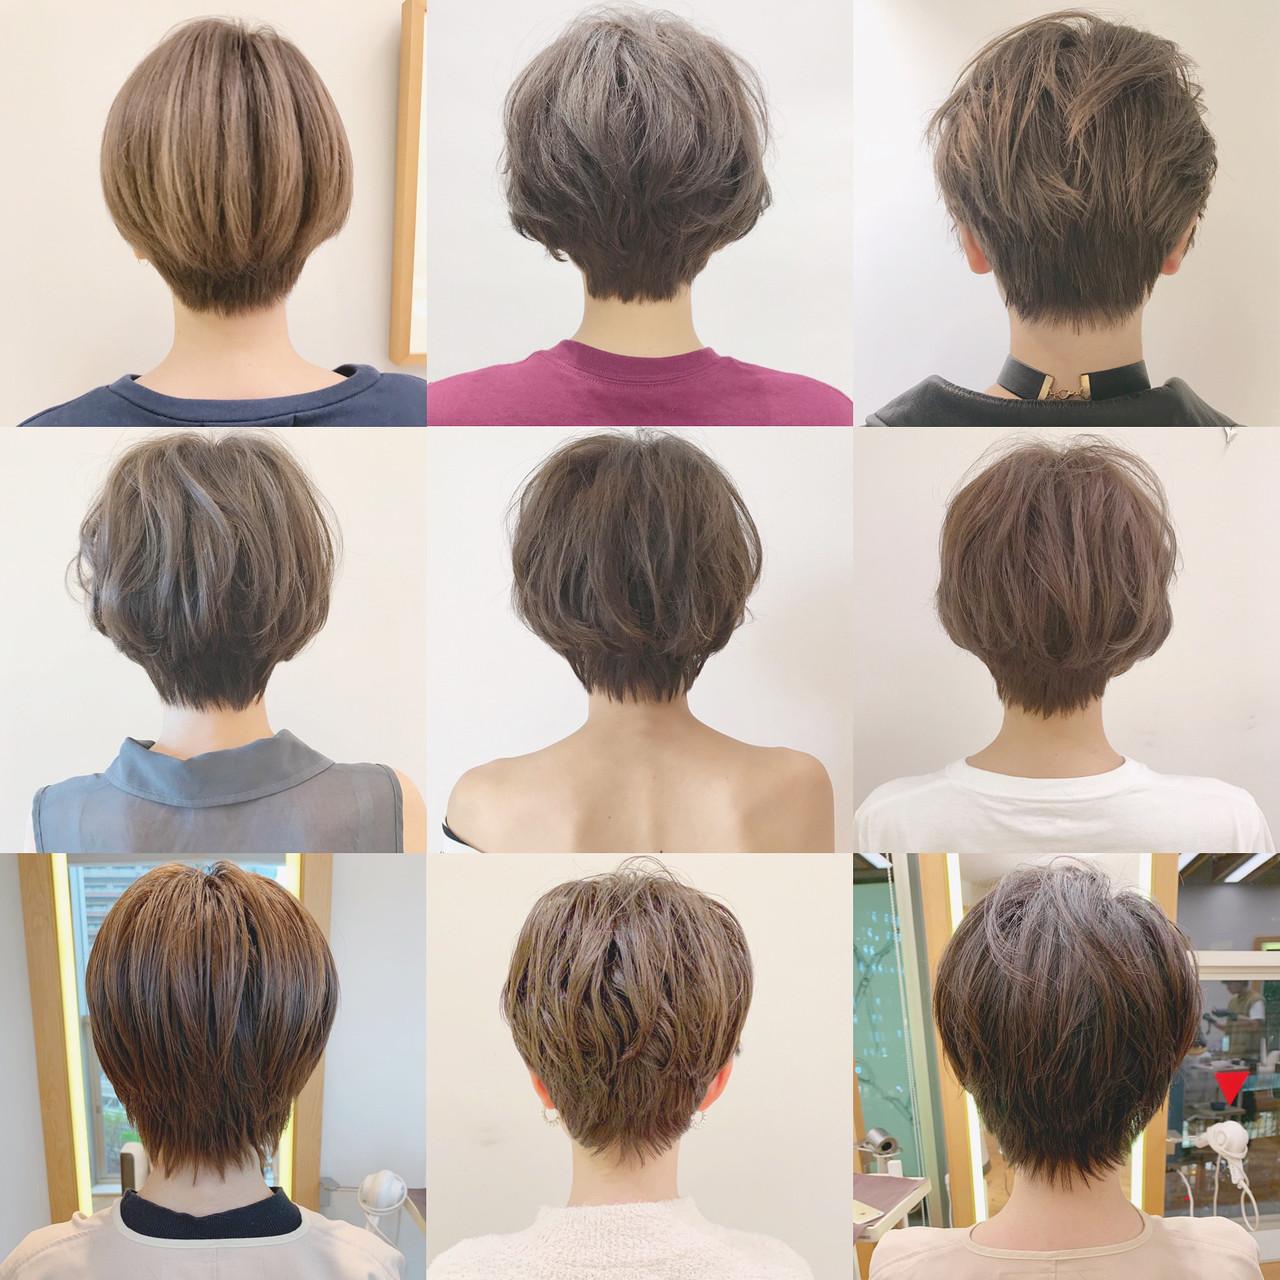 デート スポーツ ショート アウトドア ヘアスタイルや髪型の写真・画像 | ショートヘア美容師 #ナカイヒロキ / 『send by HAIR』